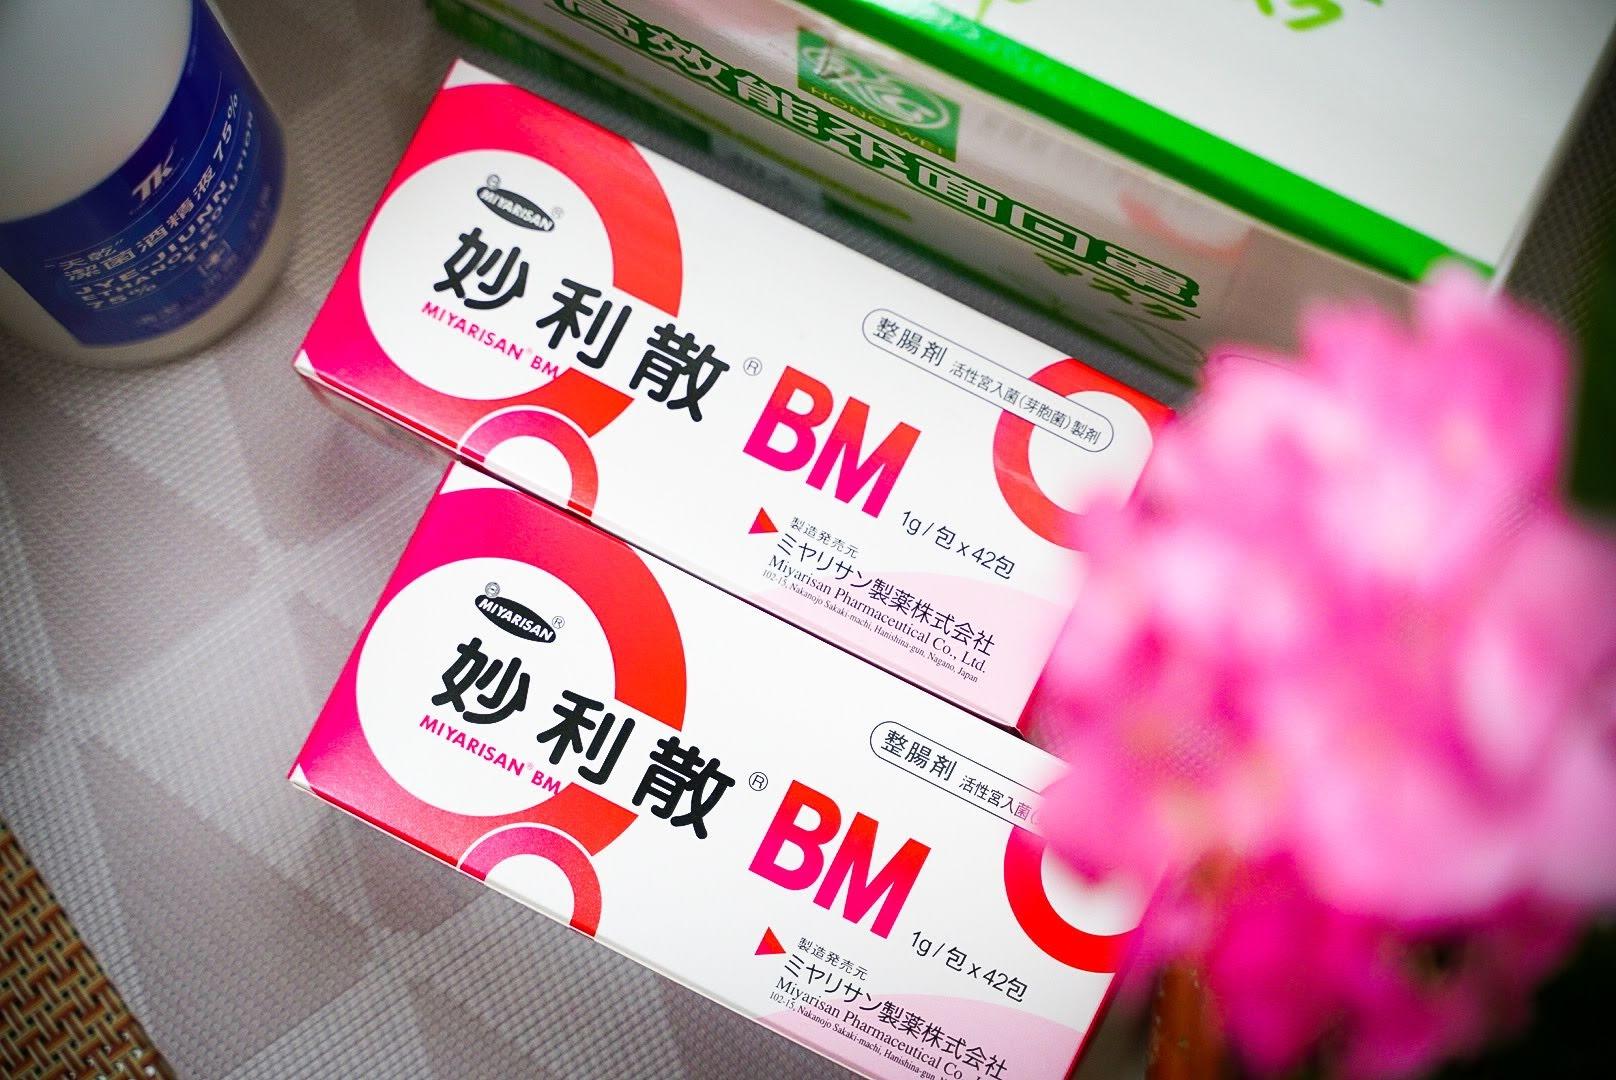 【育兒保健】妙利散Miyarisan日本專利宮入菌 非常時期的好菌守護 提升身體抵抗力